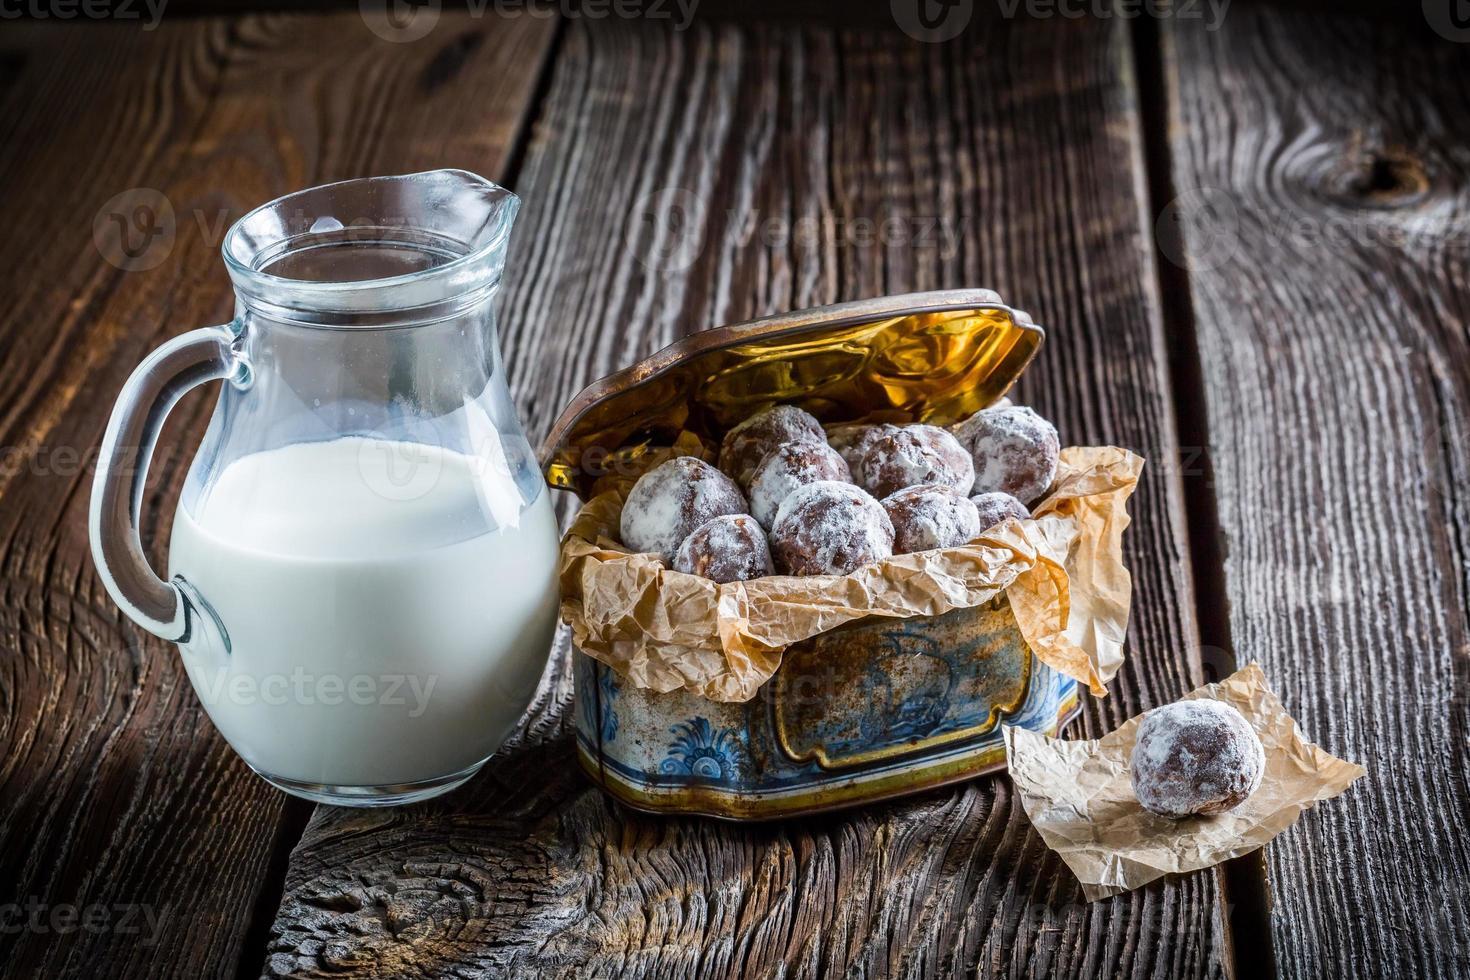 bolas de cacau doces caseiras com leite em pó foto